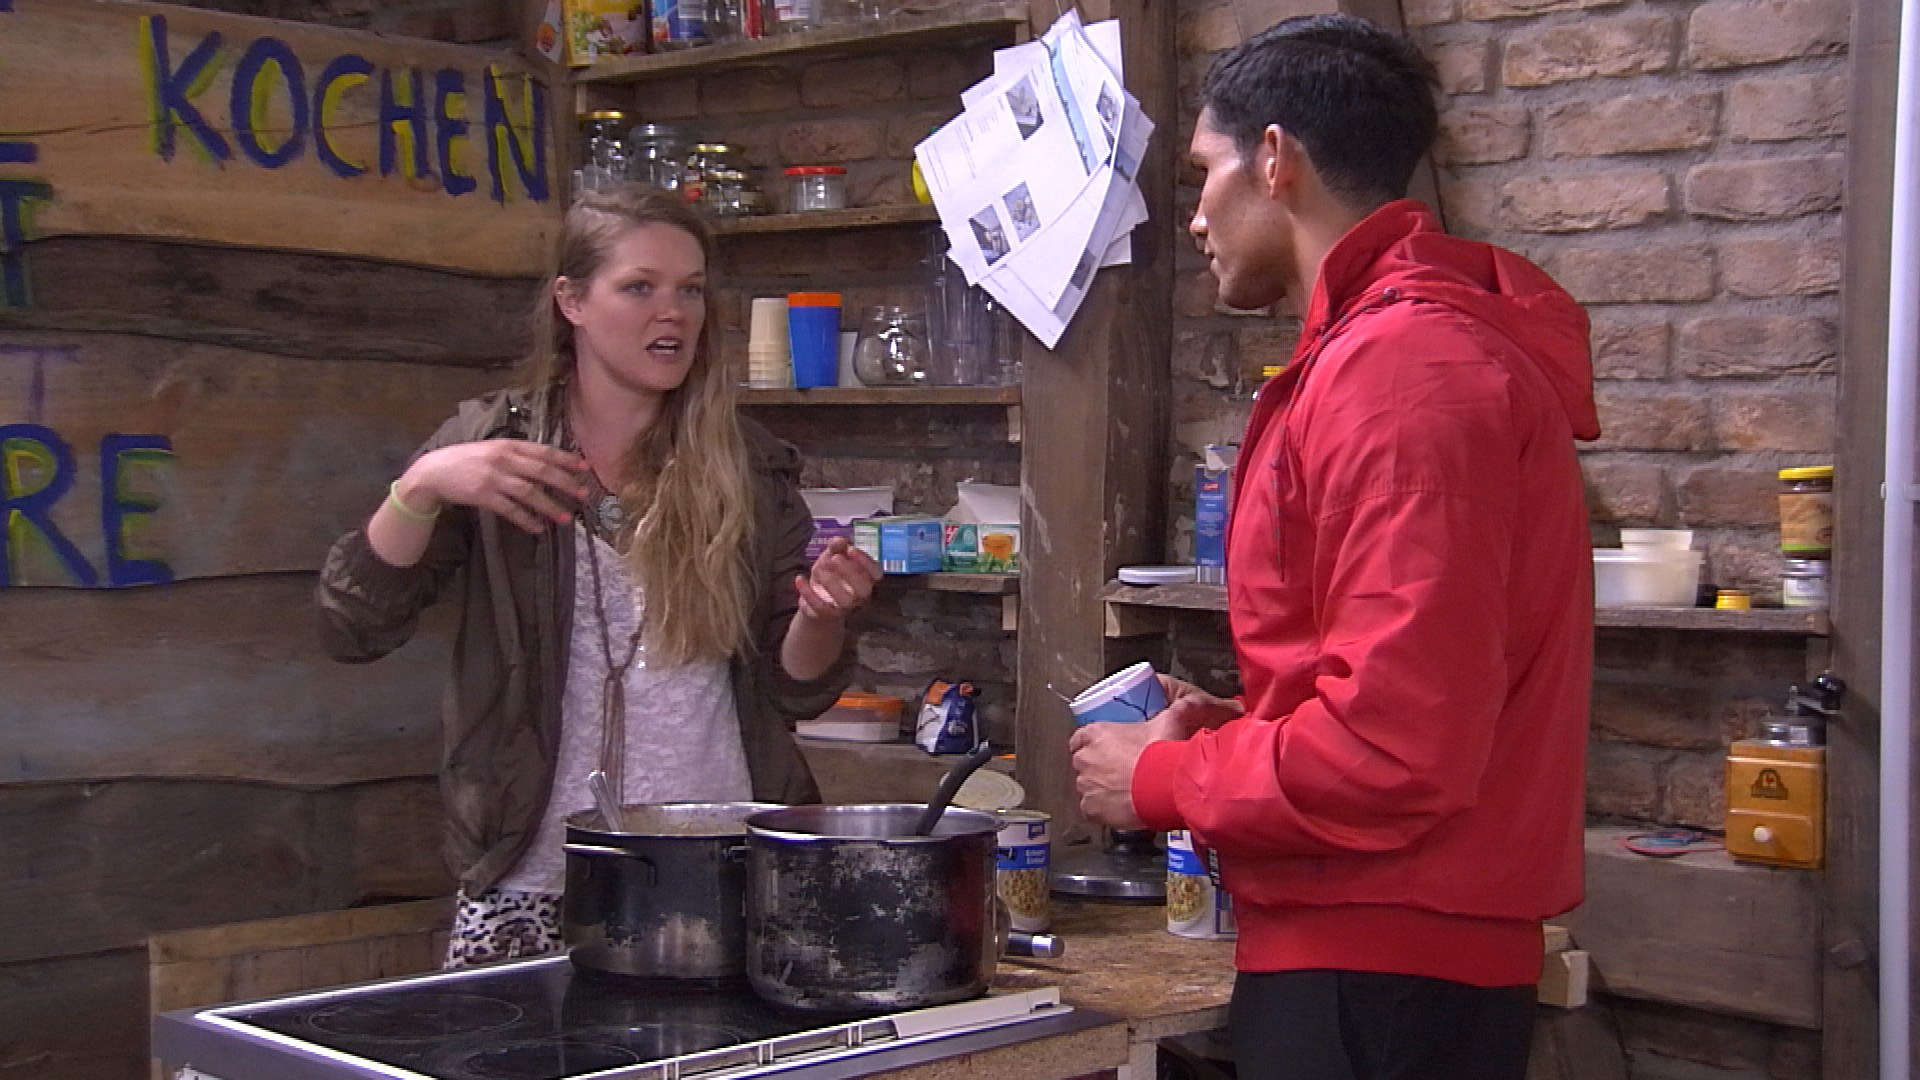 Newtopia Yasin Bohnen Kochen Folge 61 Episode 21.05.2015